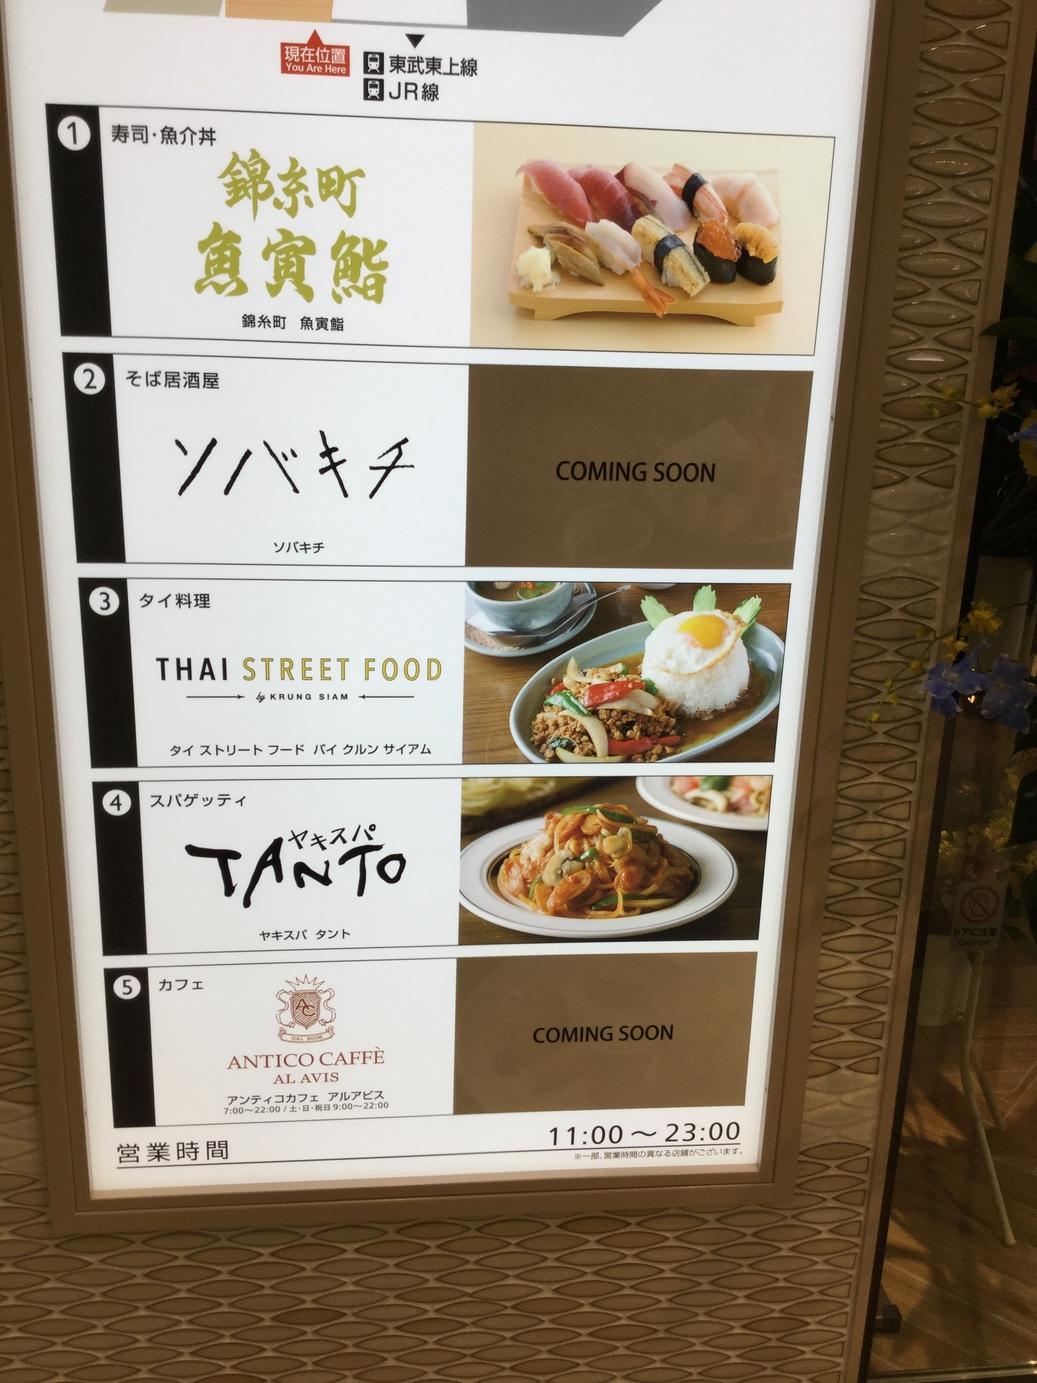 ヤキスパ TANTO 池袋店